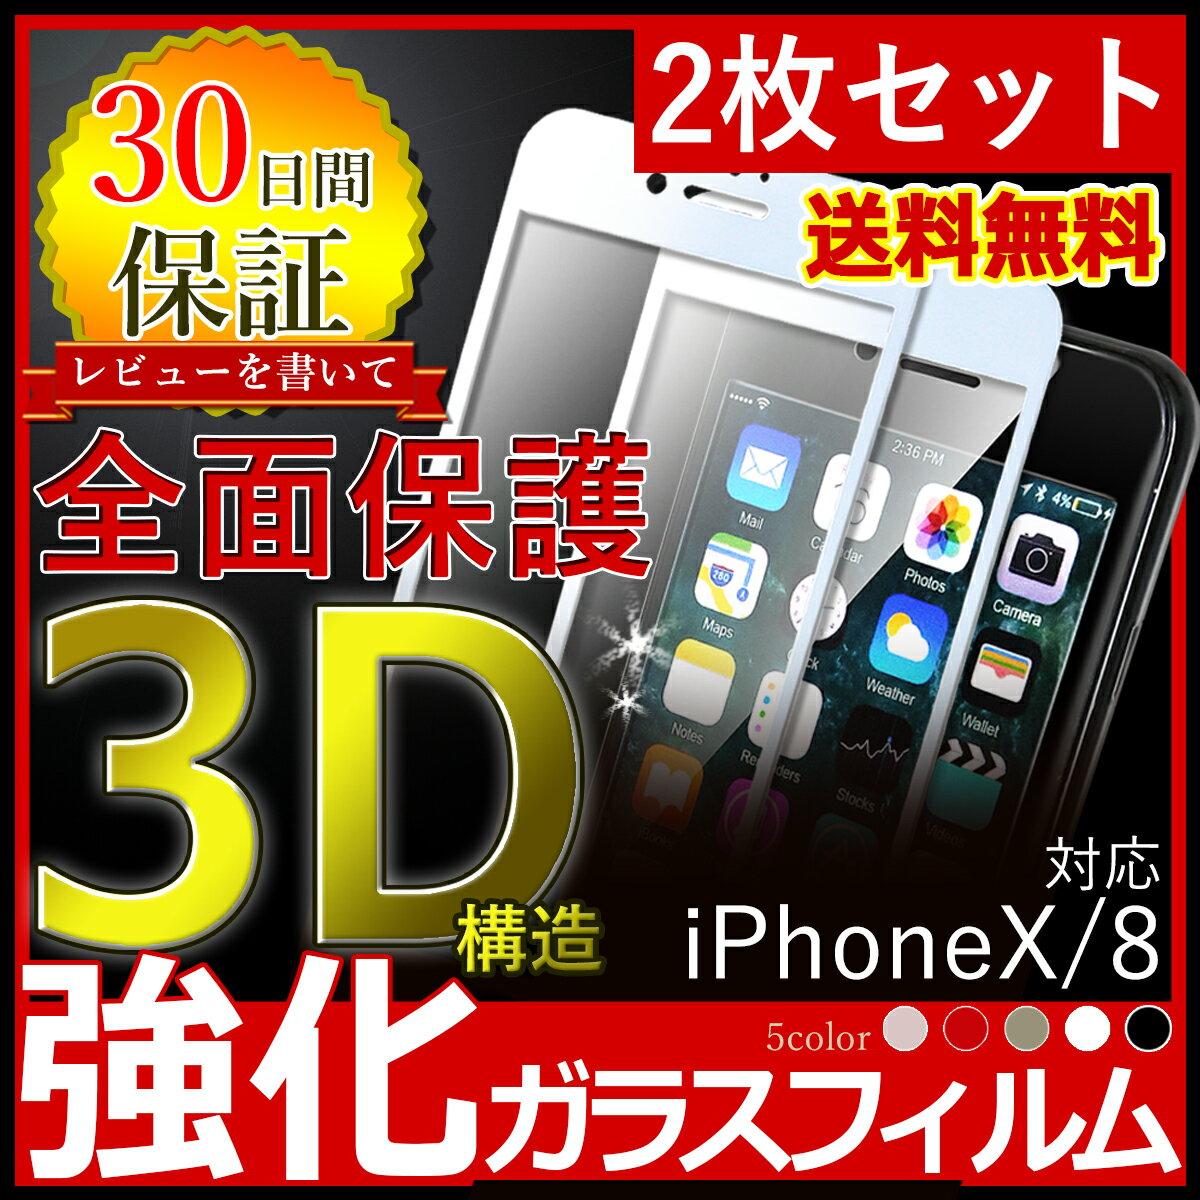 【全面保護 3D 9H】 強化ガラス 二枚組 保護フィルム 強化ガラスフィルム 強化ガラス保護フィルム 液晶保護ガラスフィルム iPhone7 iPhone6s Plus アイフォン7 アイフォン6s 全面 全面ガラスフィルム ラウンドカット